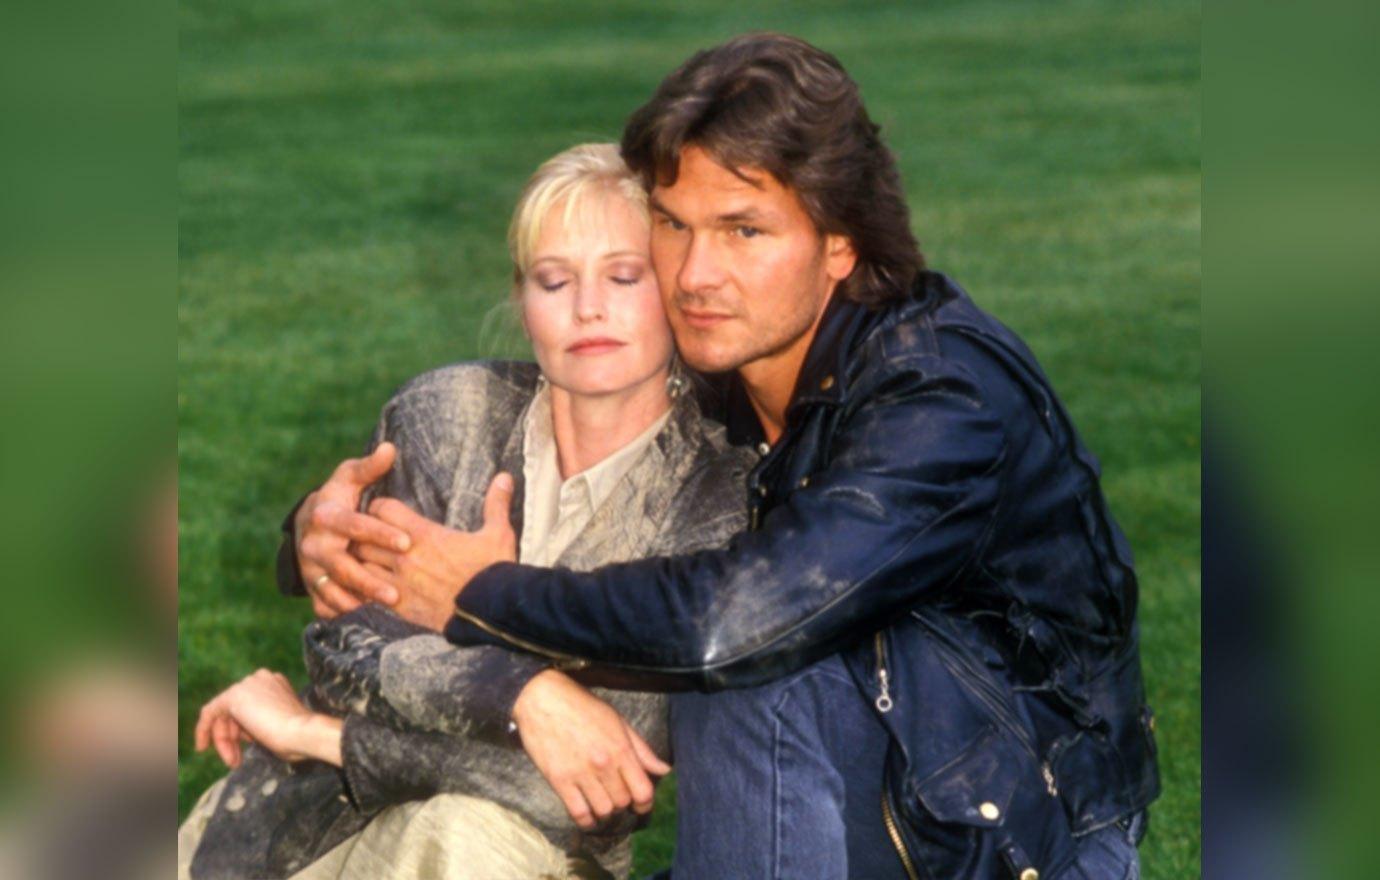 Patrick Swayze with Wife Lisa Niemi 1988